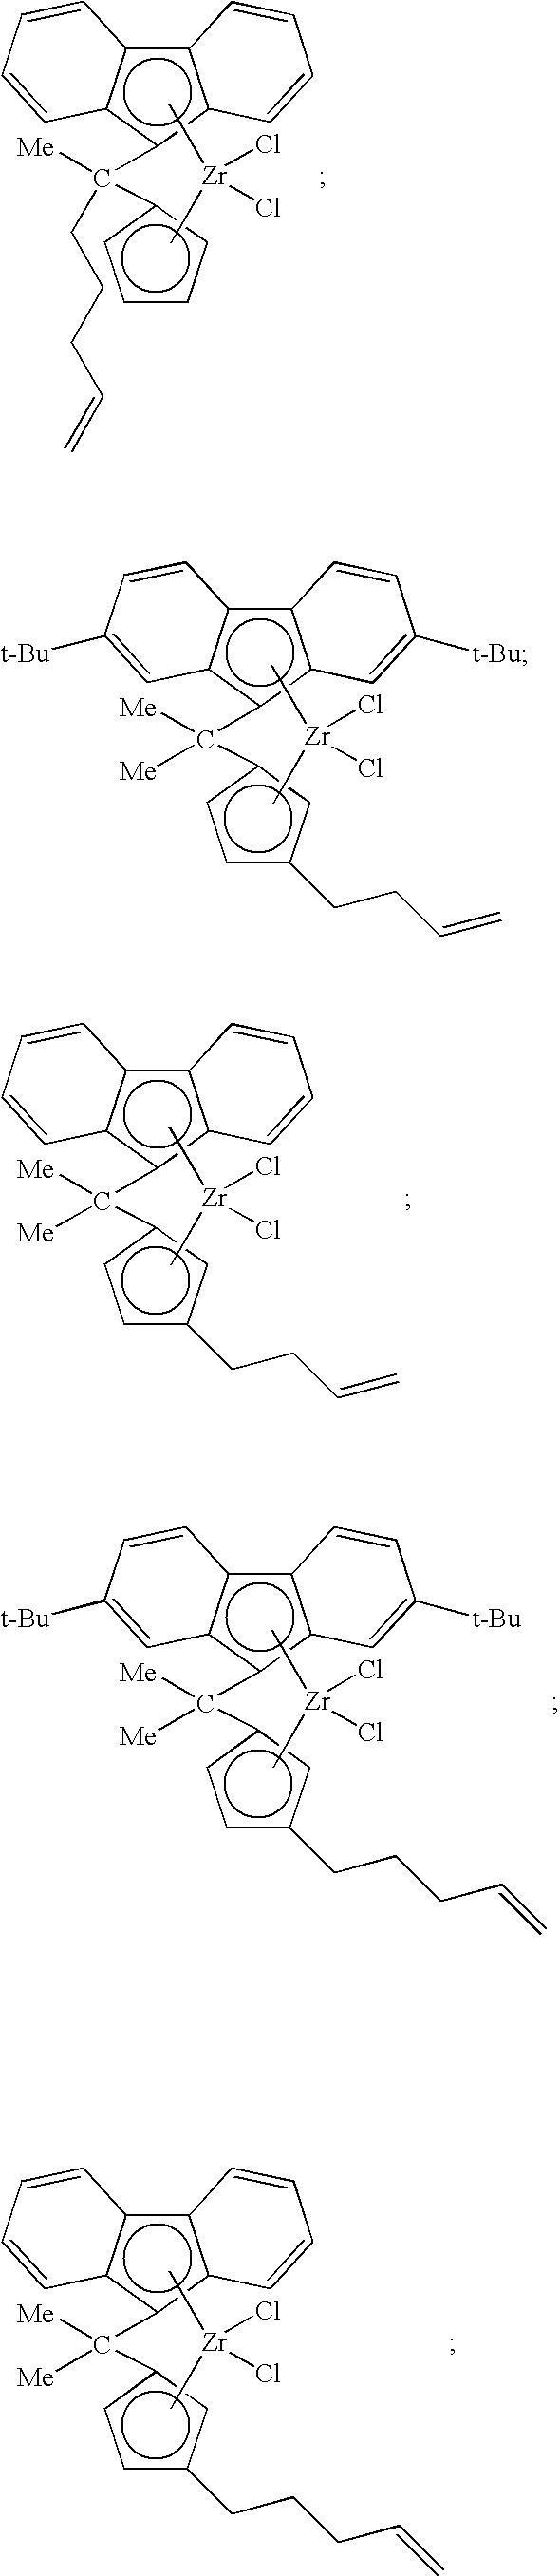 Figure US08329834-20121211-C00011